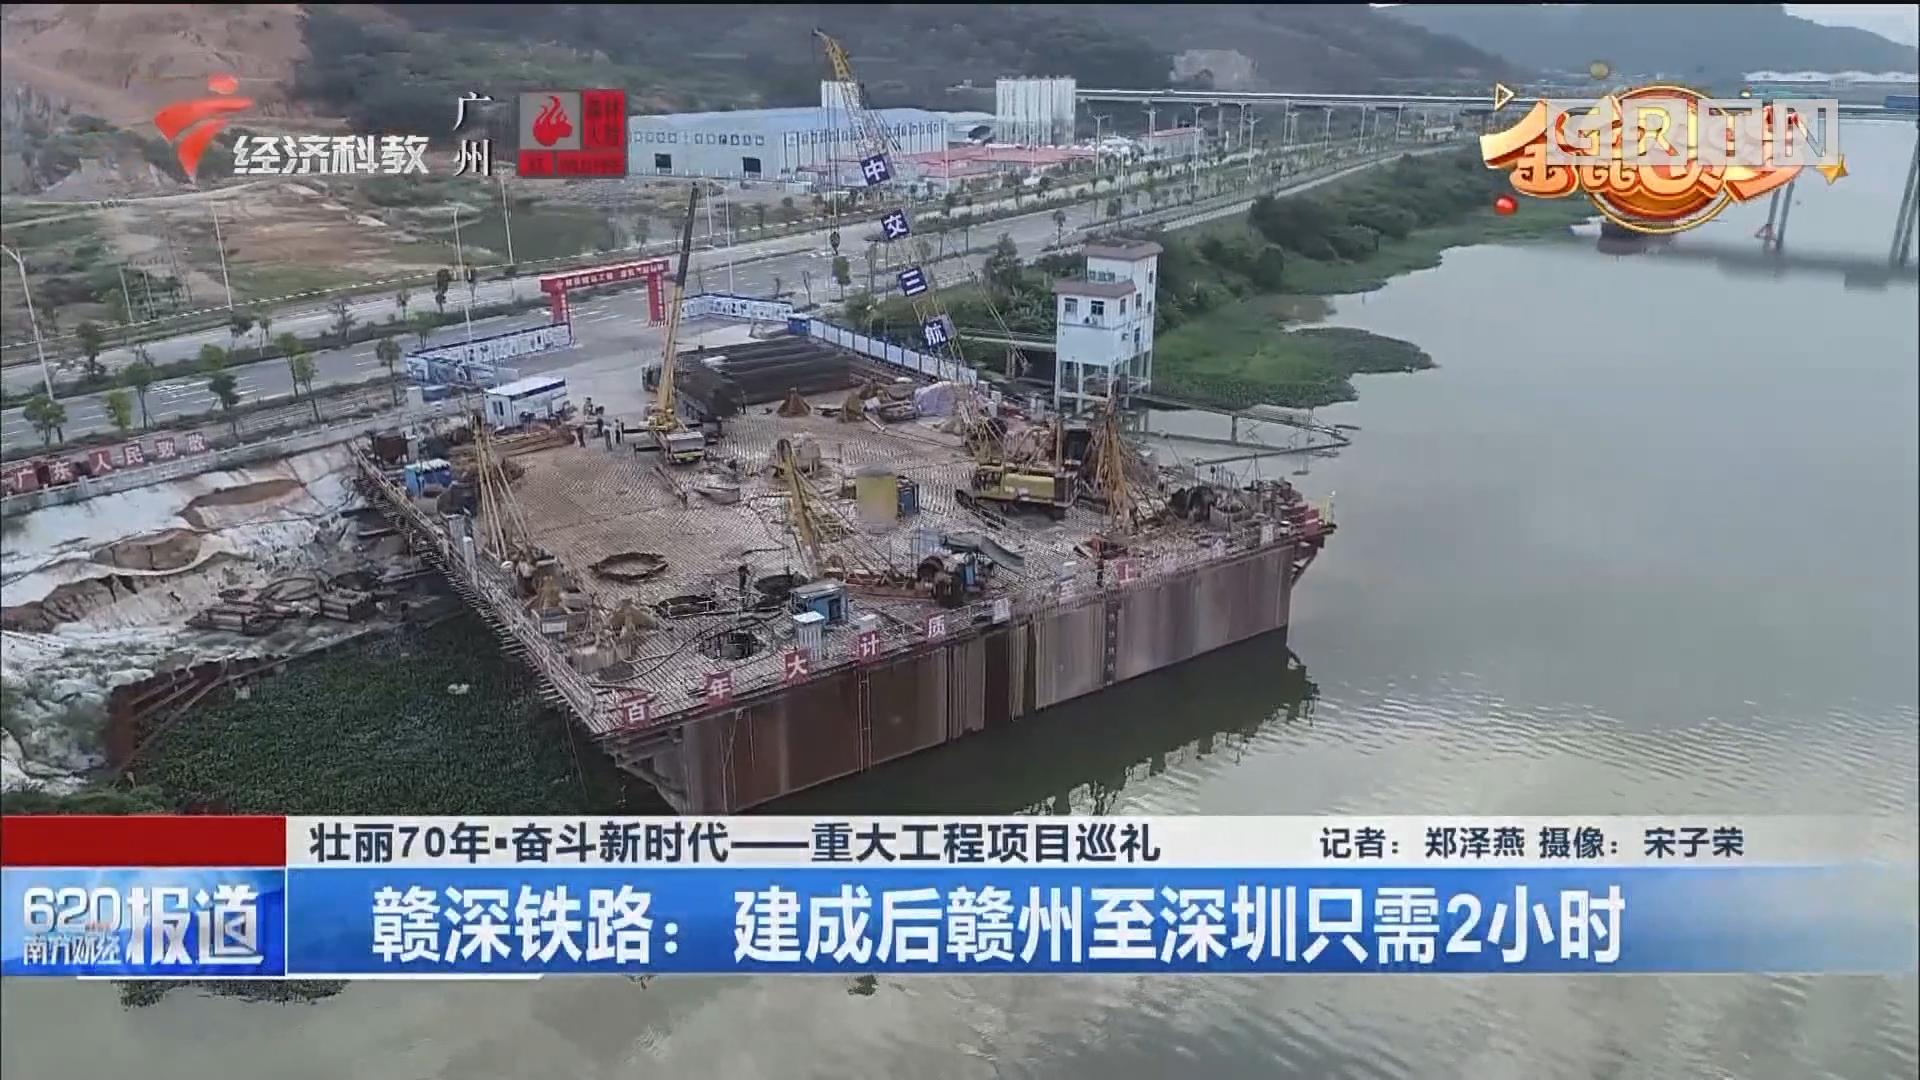 壮丽70年·奋斗新时代-重大工程项目巡礼 赣深铁路:建成后赣州至深圳只需2小时